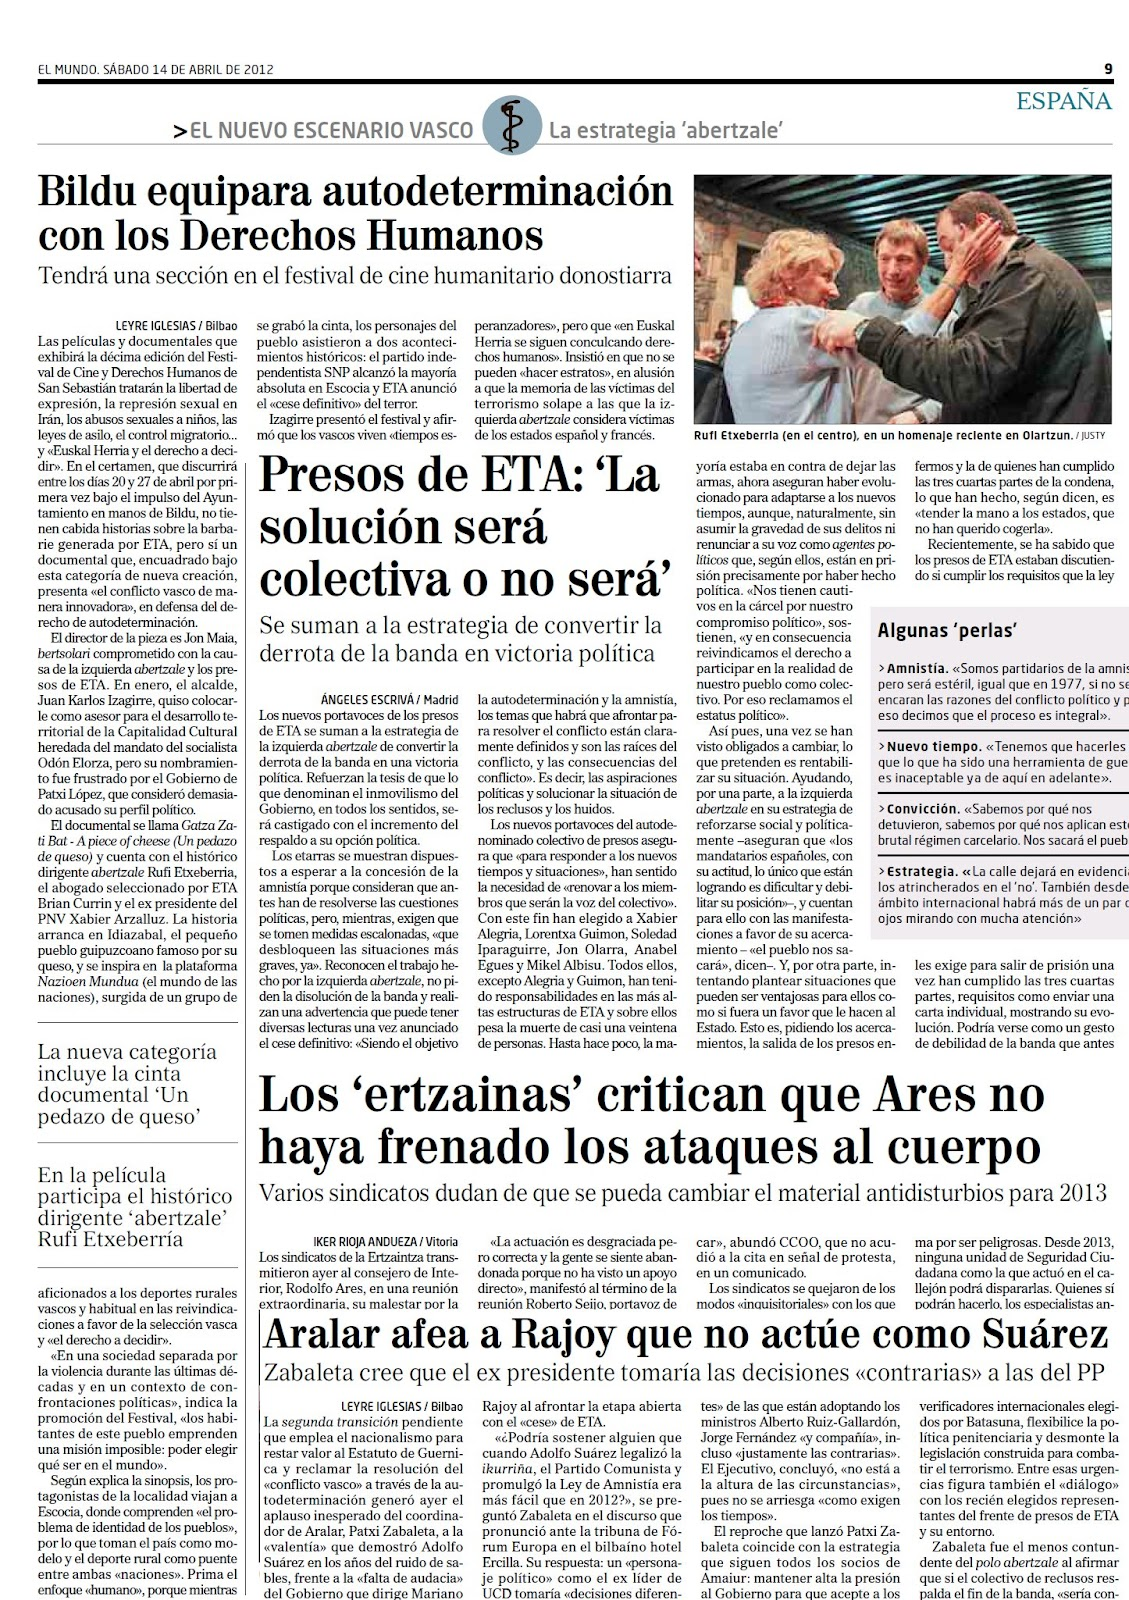 Los socialistas ya tienen nuevo lema: Antes morir que permitir al PP salvar a España de la ruina en que la dejamos